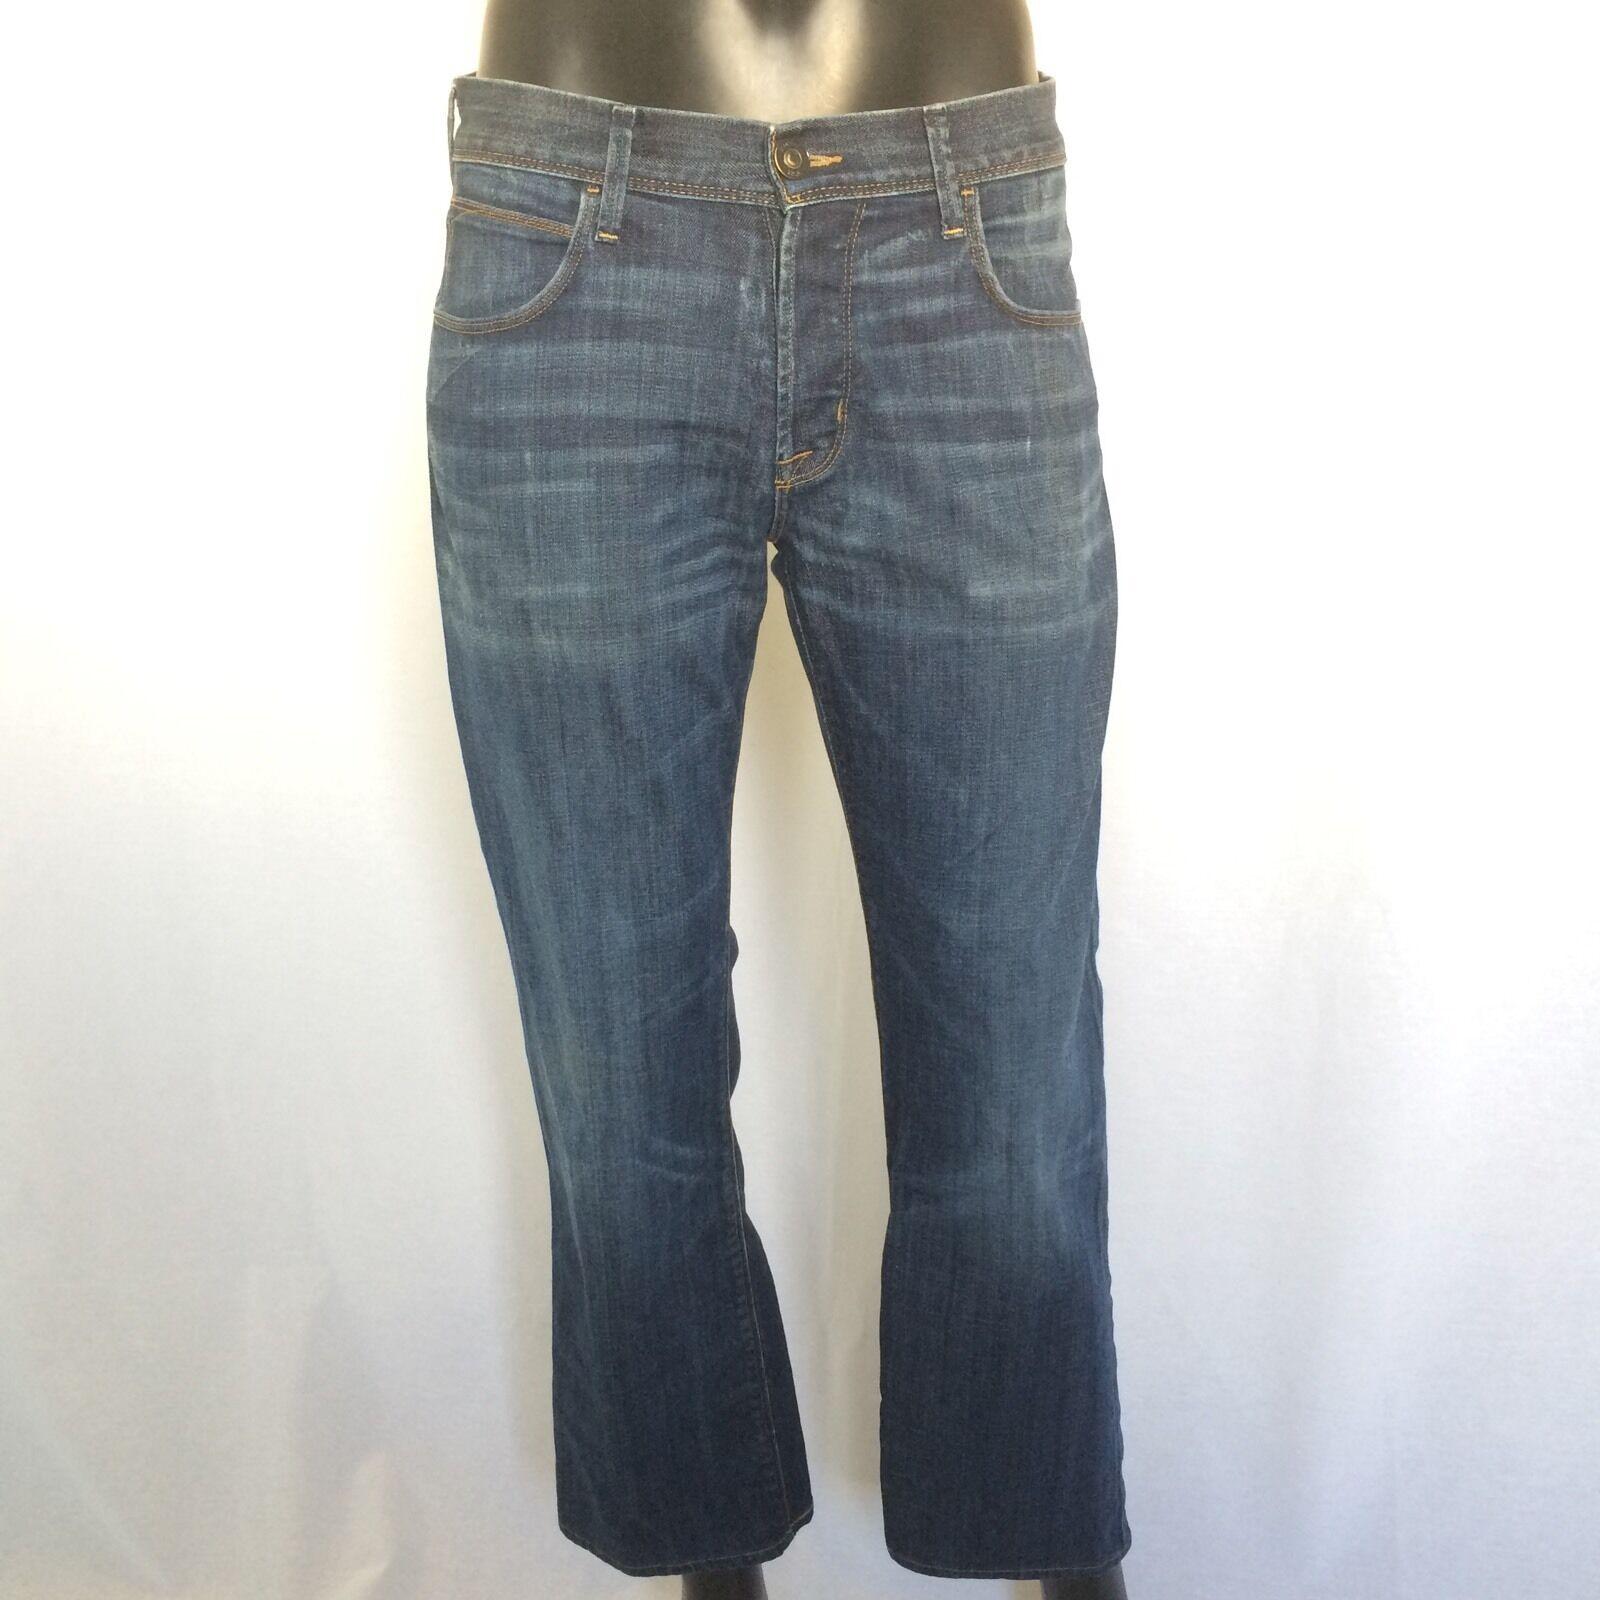 Hudson jeans para hombres  de marca tamaño 31 X 28 Azul Pierna Recta Denim Pantalones De Diseñador EE. UU.  venta con descuento